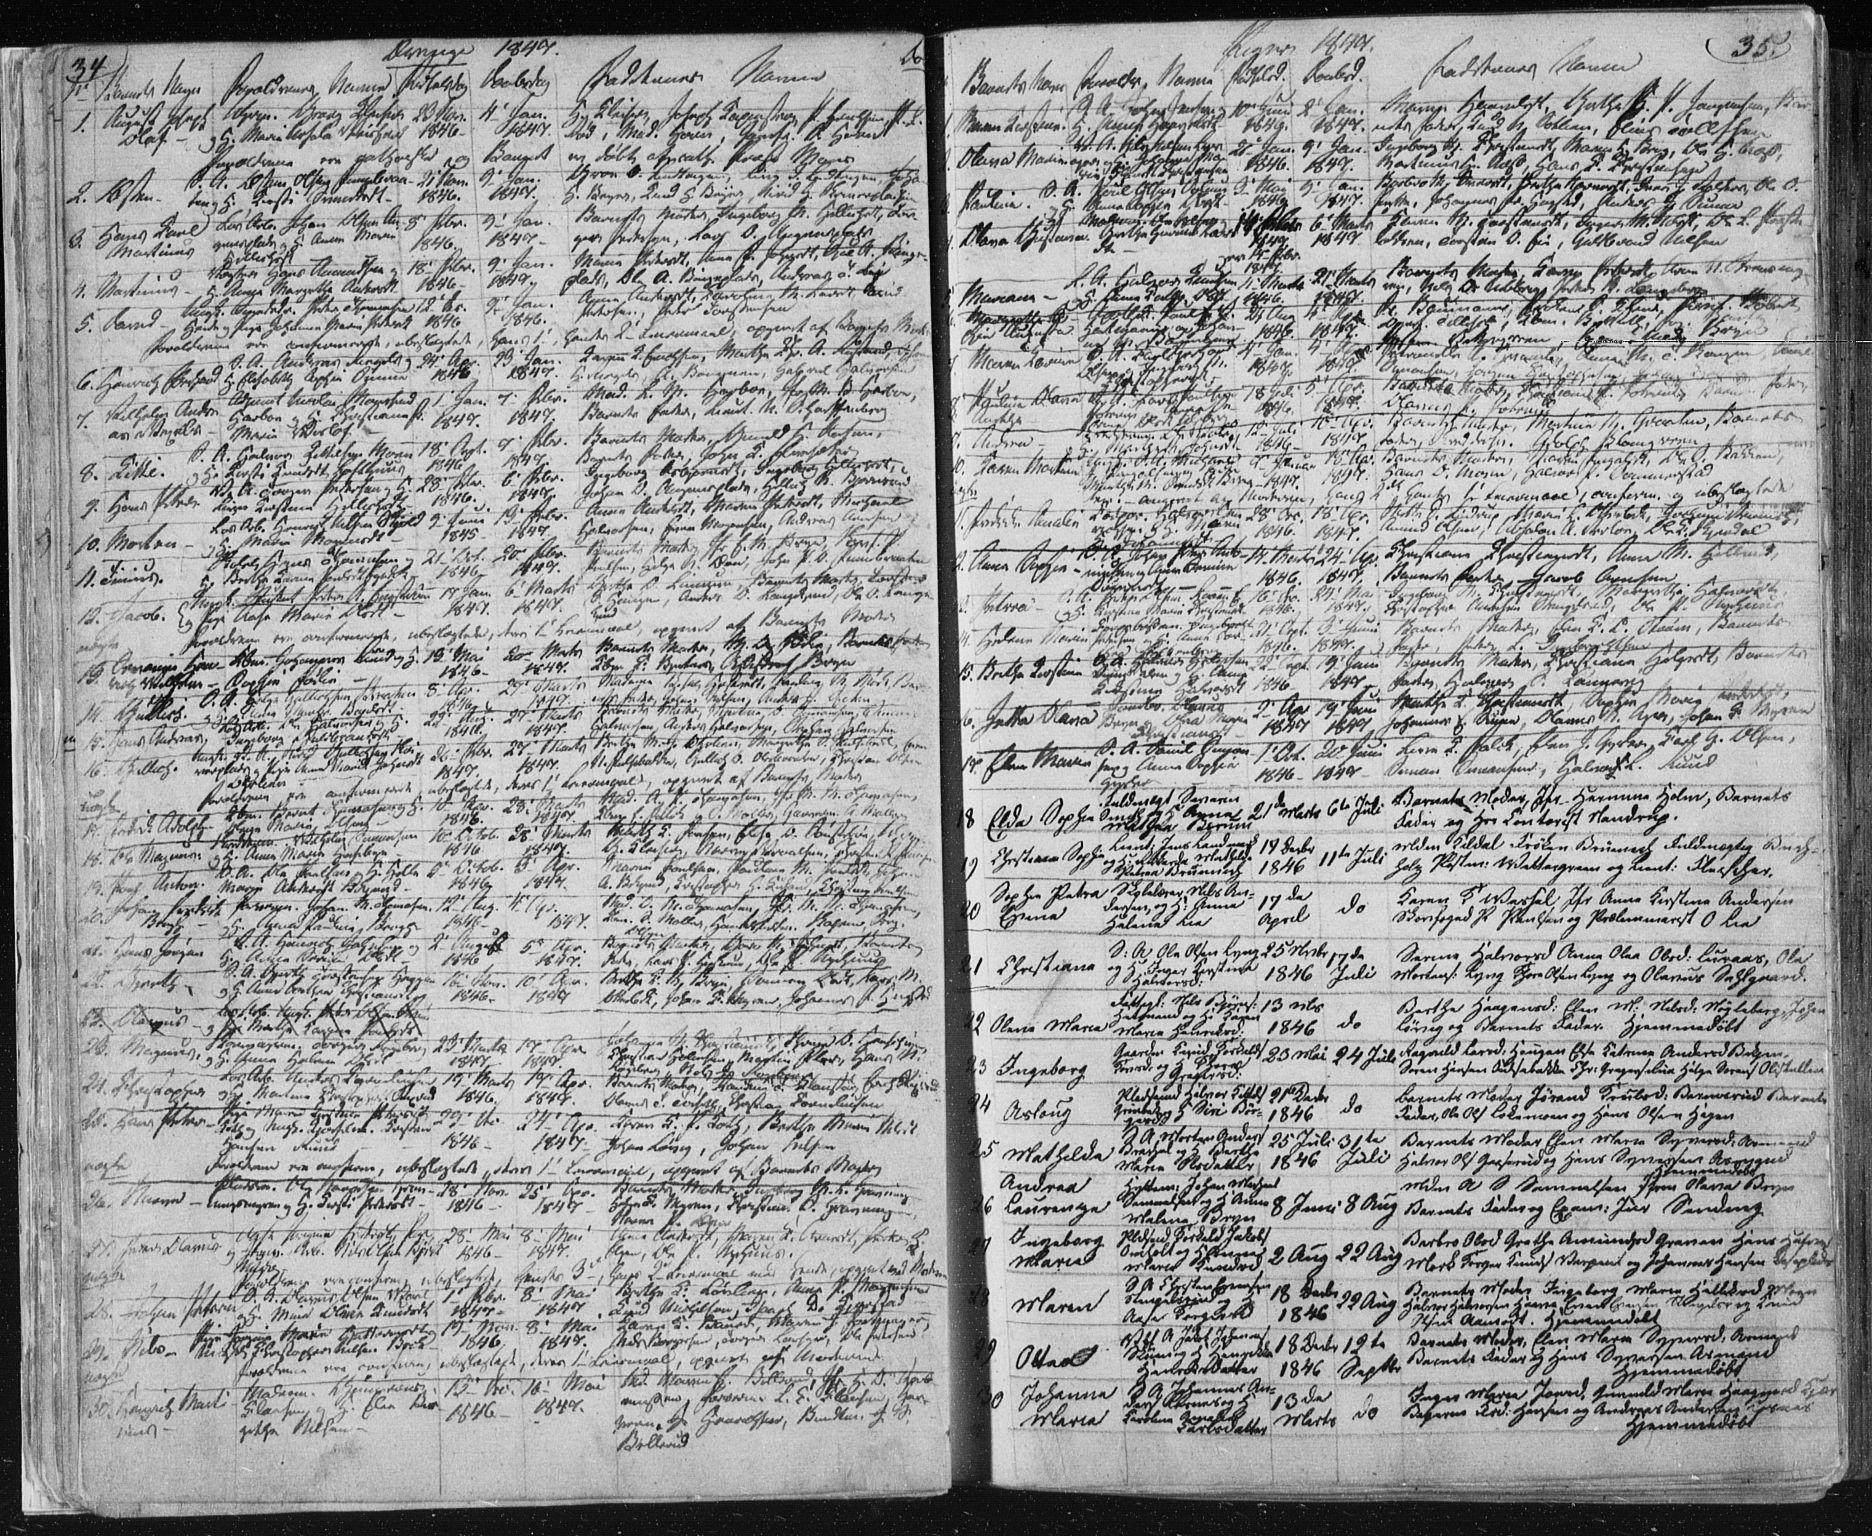 SAKO, Kongsberg kirkebøker, F/Fa/L0009: Ministerialbok nr. I 9, 1839-1858, s. 34-35